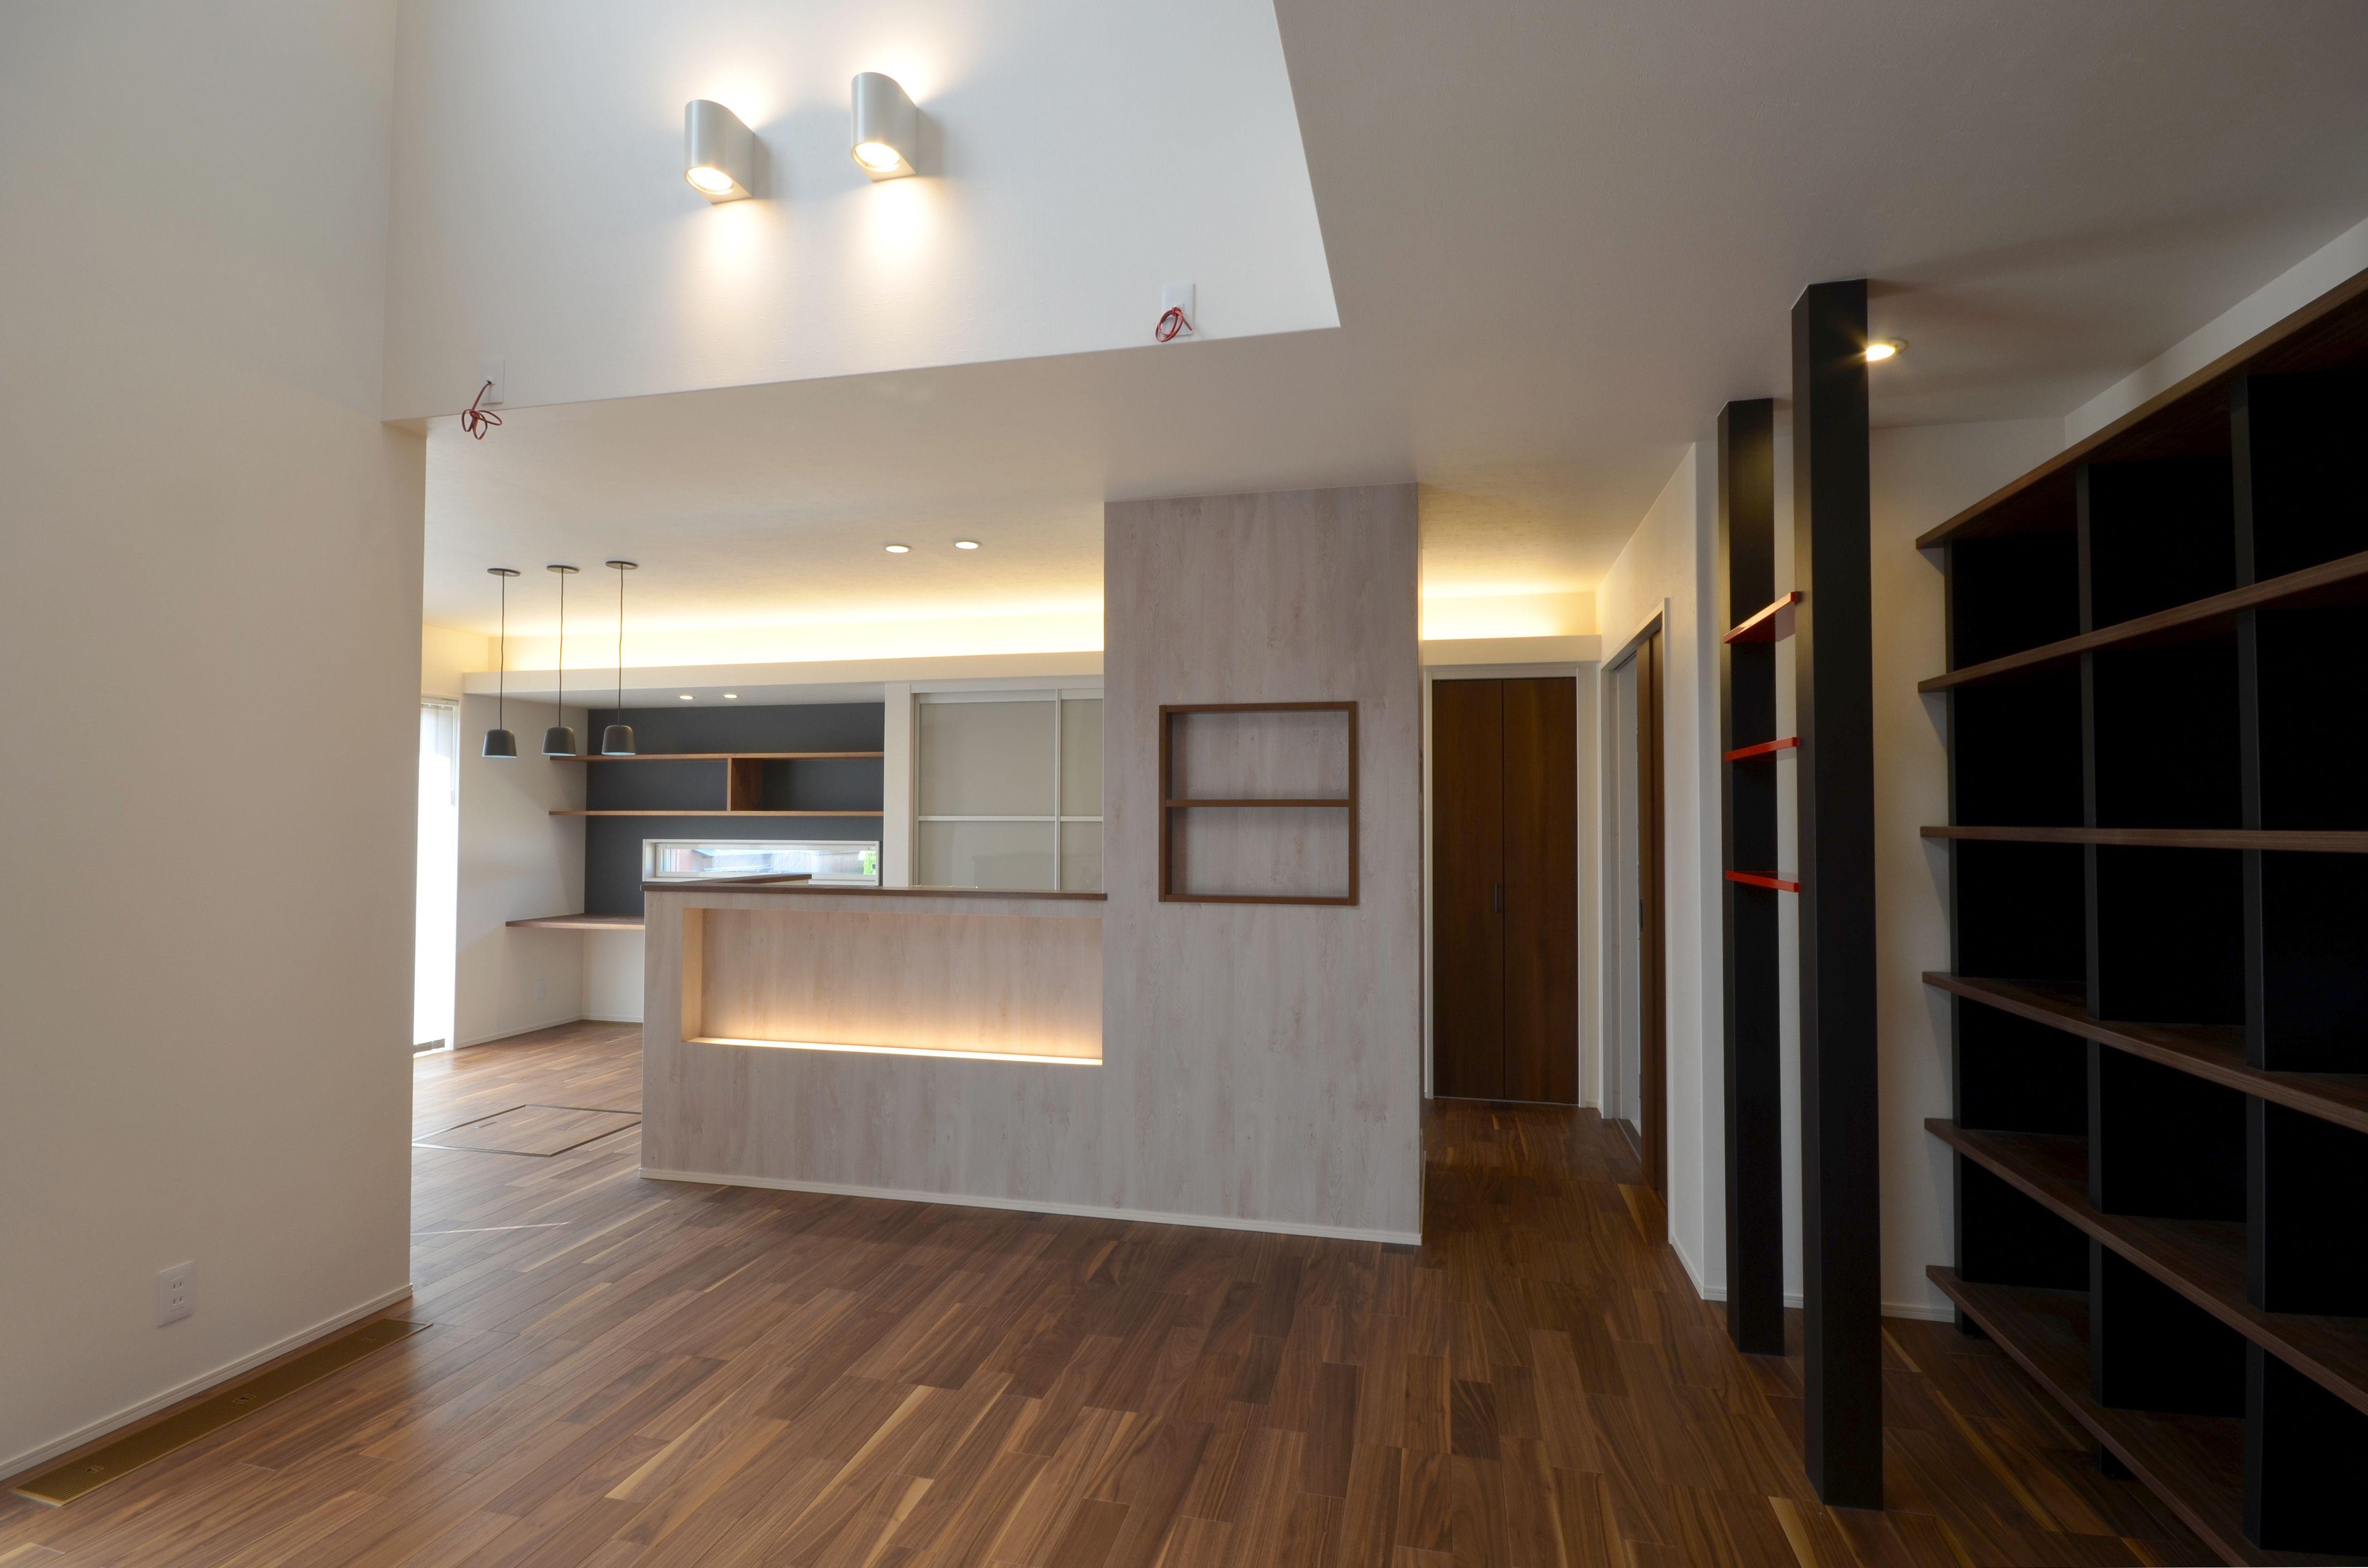 ディスプレイスペースをたくさん設けたldk 2020 住宅